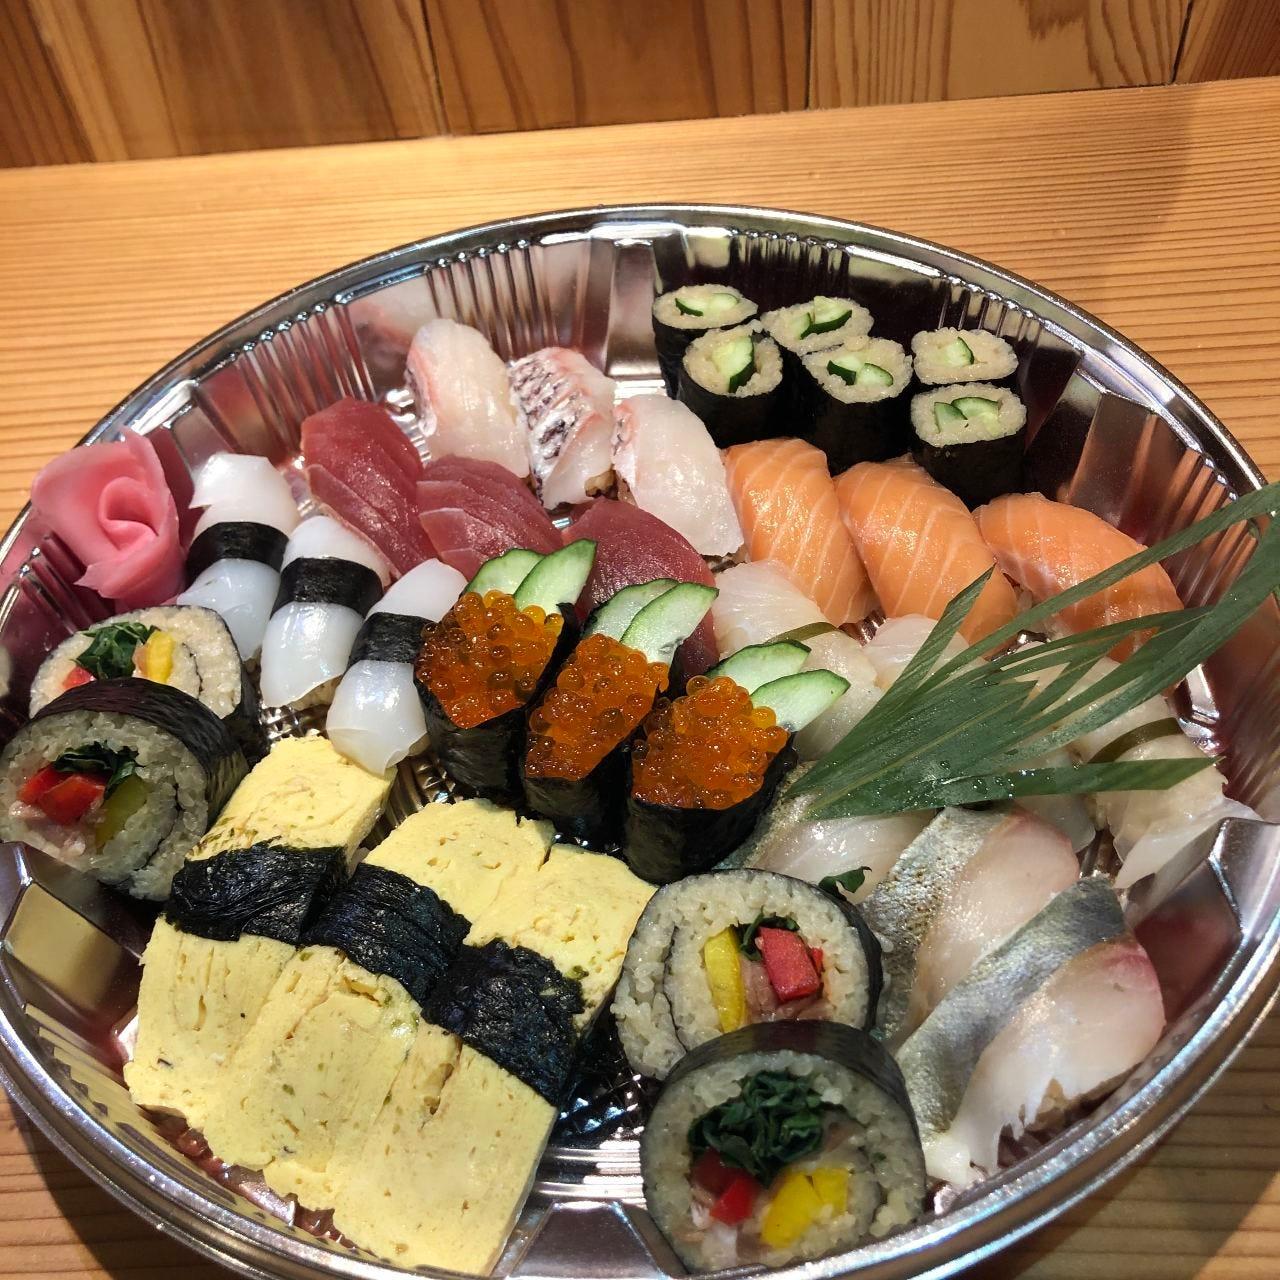 江戸前寿司盛り合わせ、自宅での会食にぜひ!!